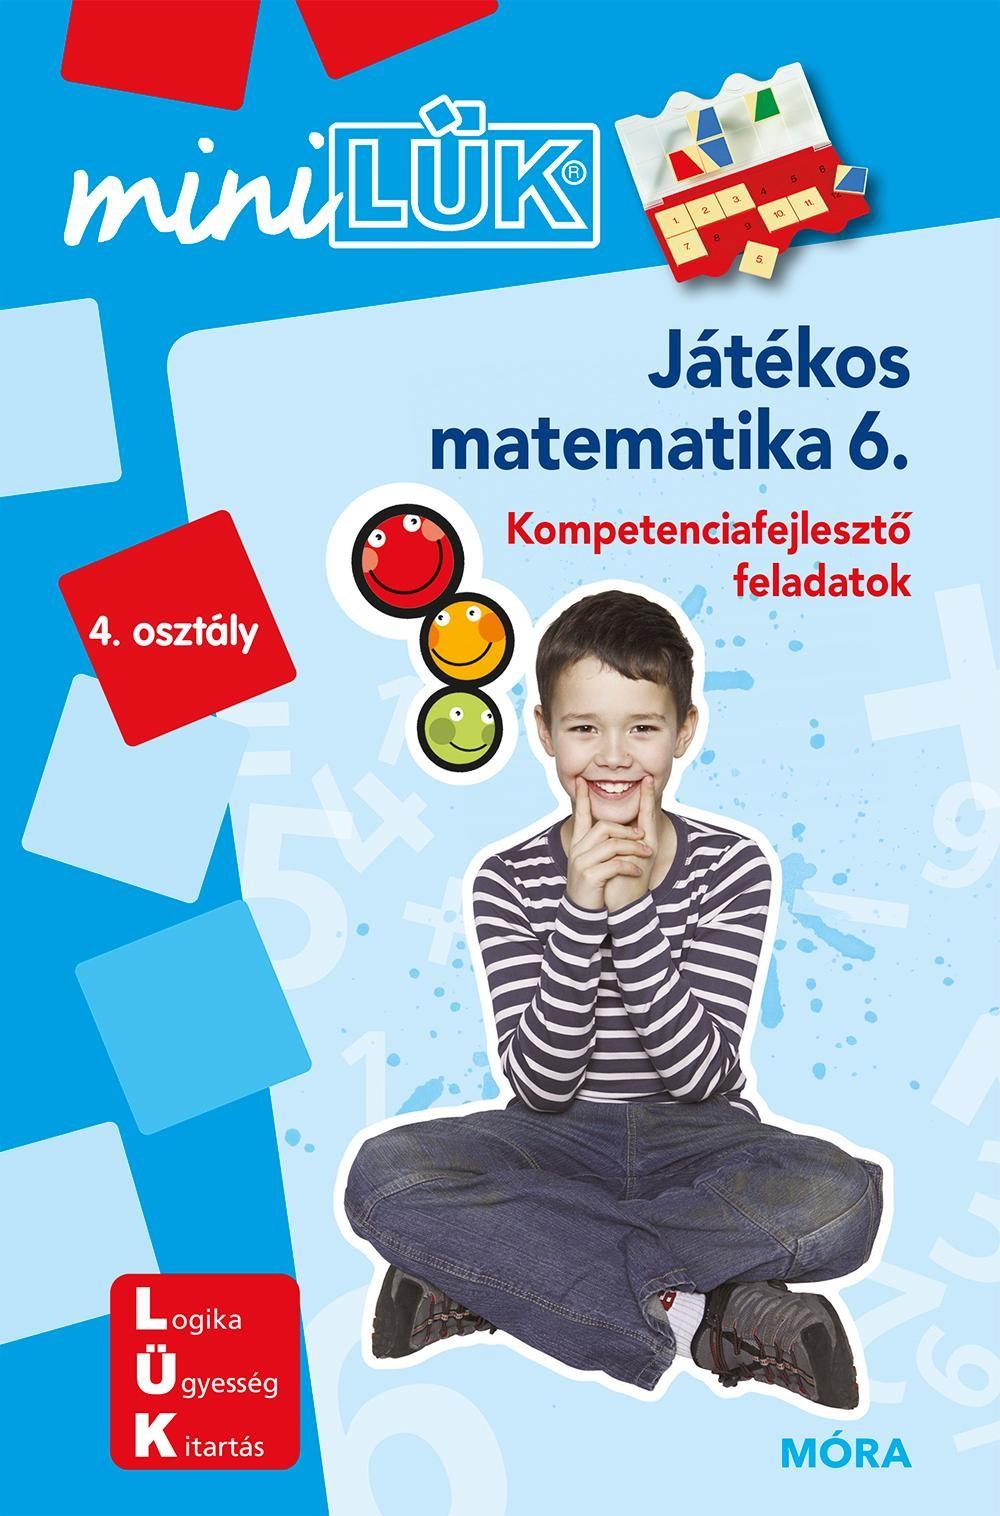 Játékos matematika 6. LDI223